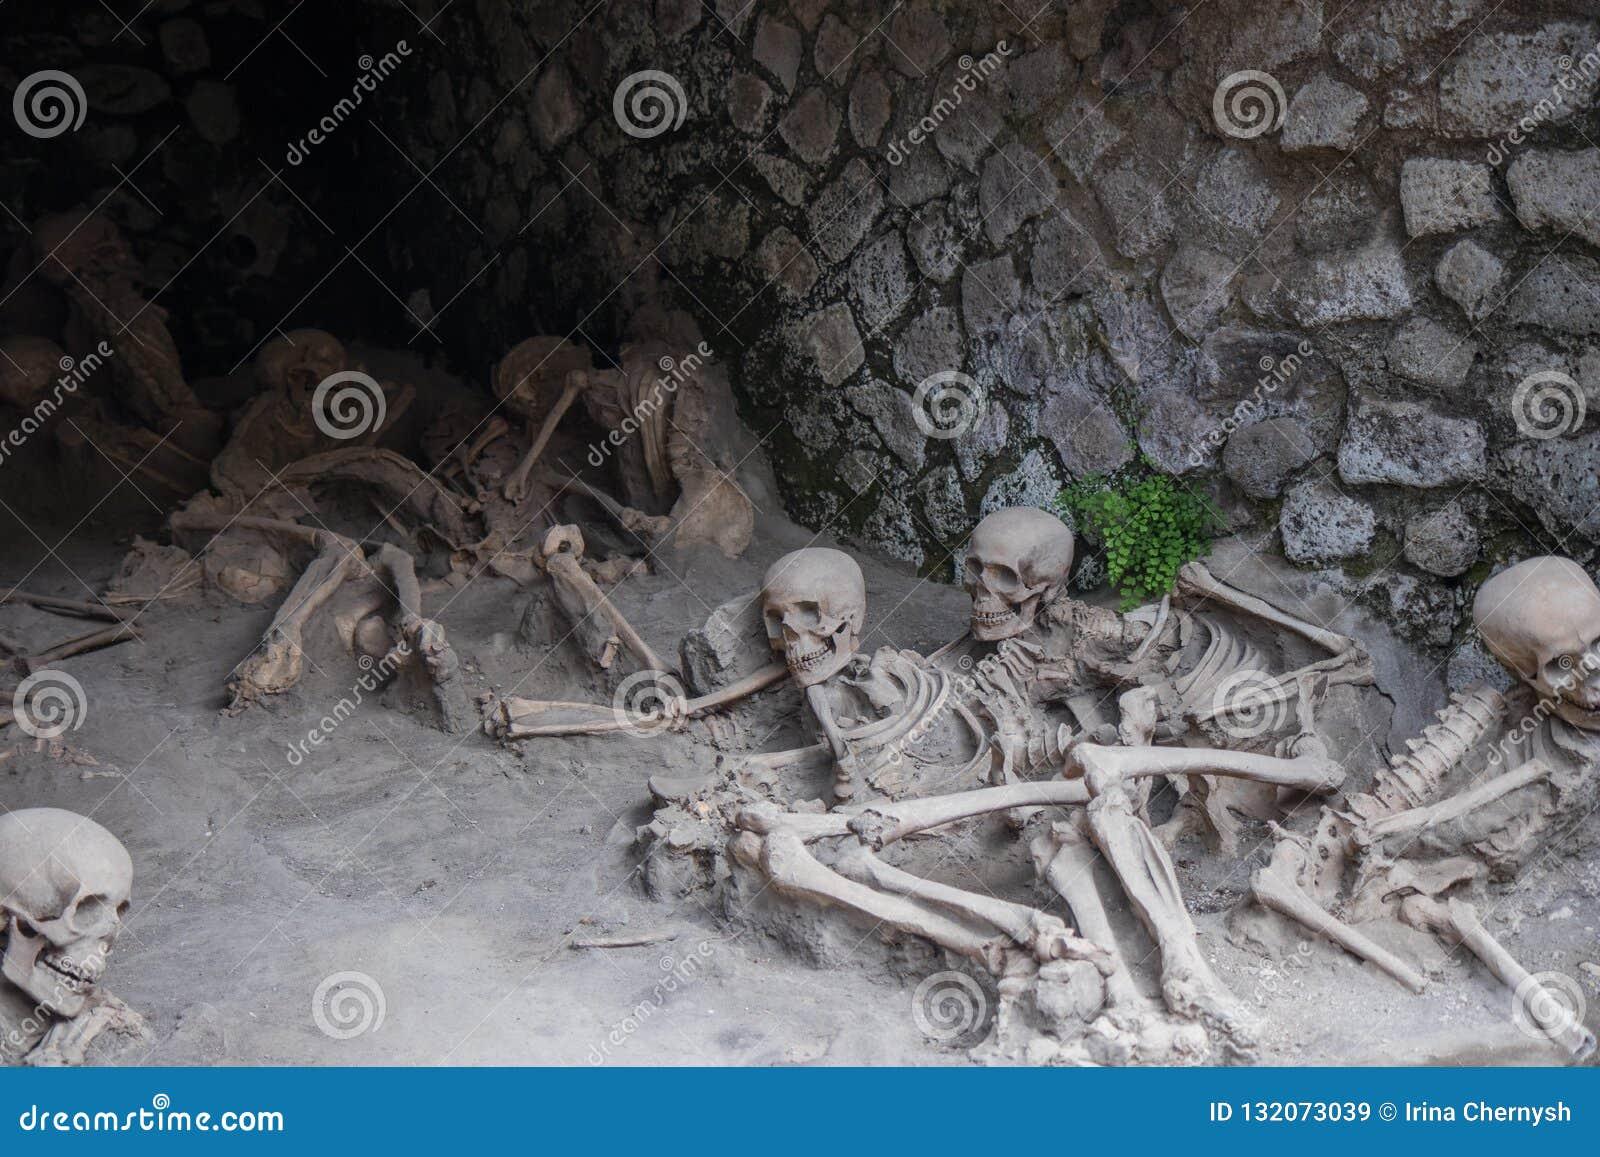 Kośćcowe resztki ofiary reklamy 79 Vesuvius erupcja, Herculaneum, Włochy